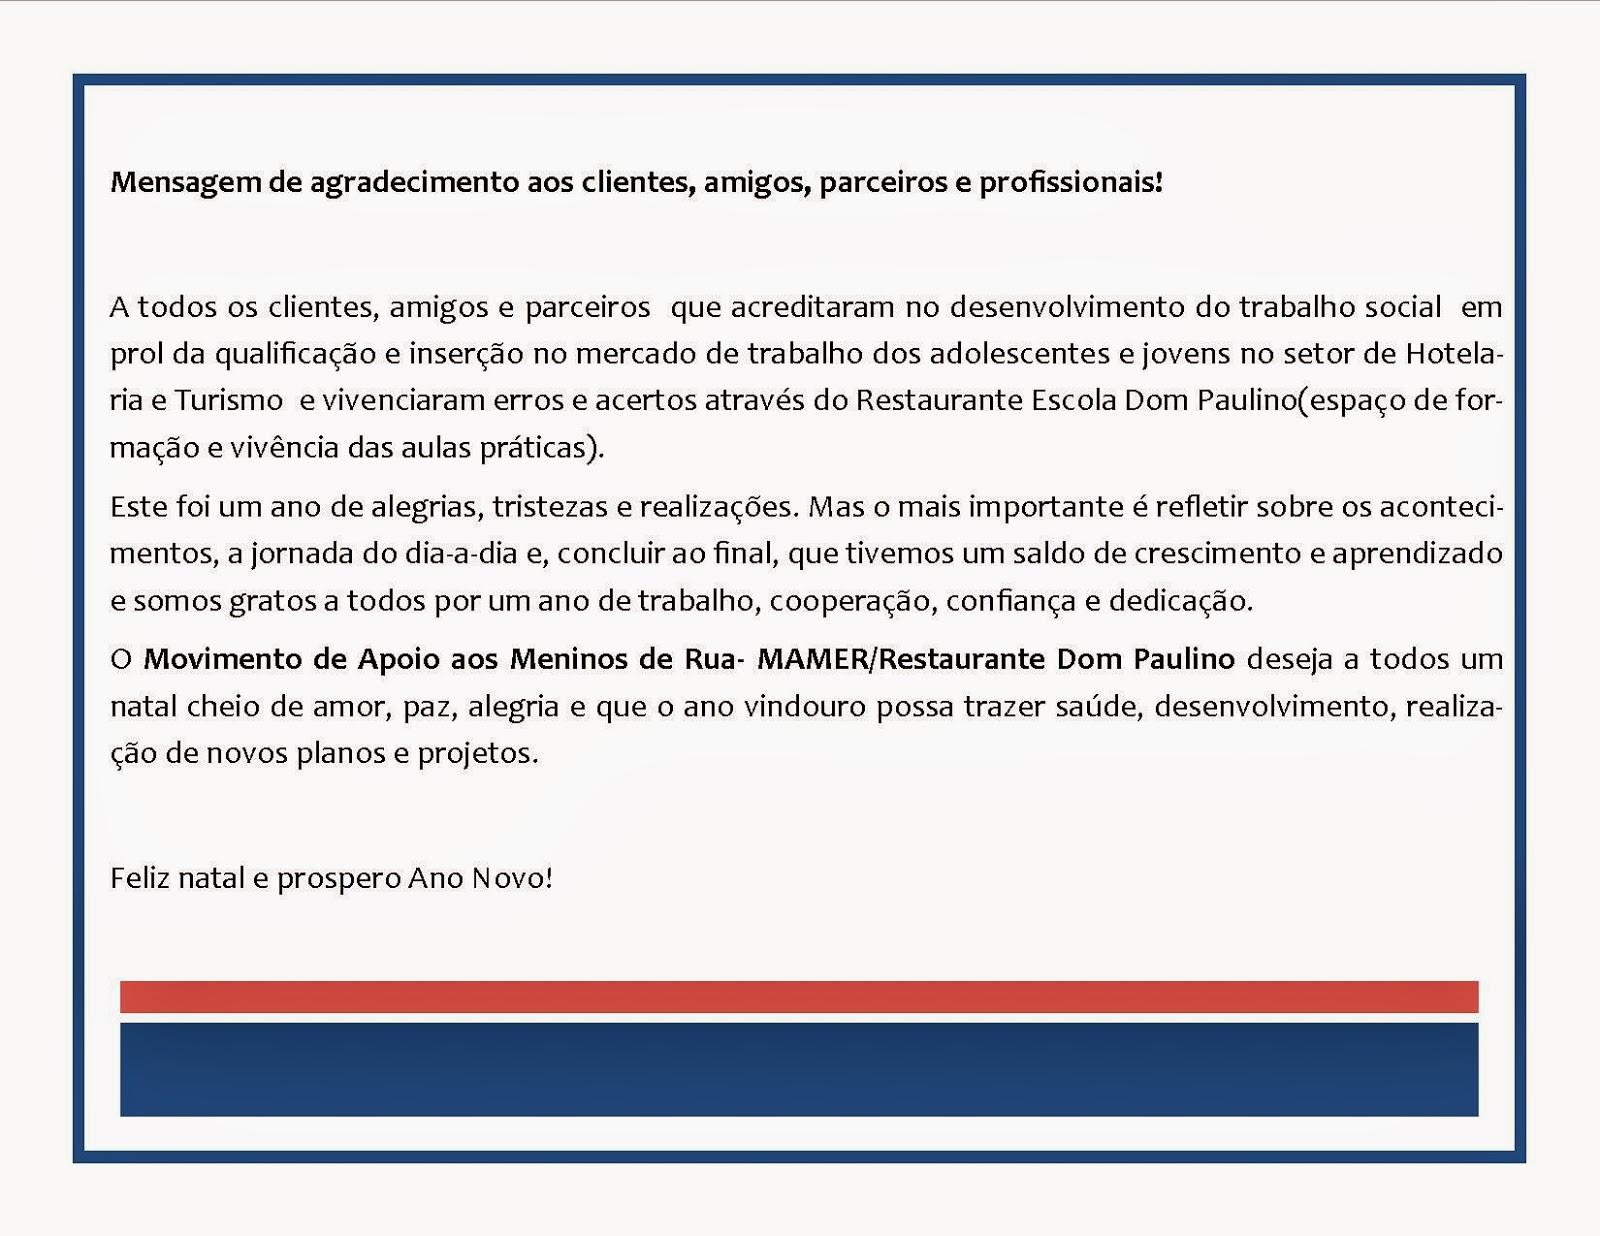 Preferência AGRADECIMENTOS AOS AMIGOS,CLIENTES,PARCEIROS E PROFISSIONAIS  OW35